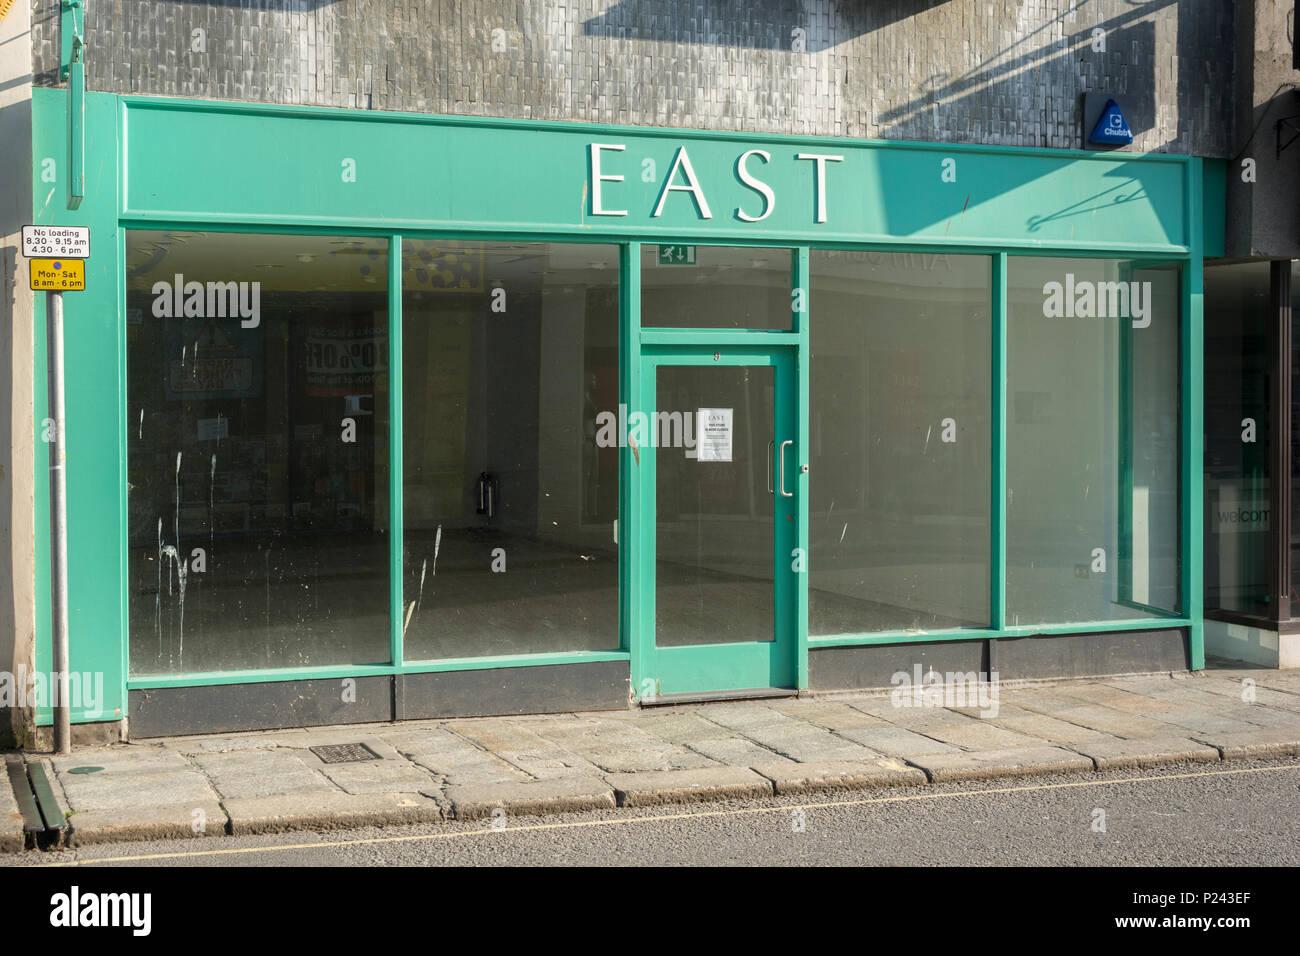 Vacante vacía escaparates en Truro, Cornwall. La metáfora de la muerte de la High Street, se cierran las tiendas, recesión, High street, cierres de tiendas vacantes. Imagen De Stock